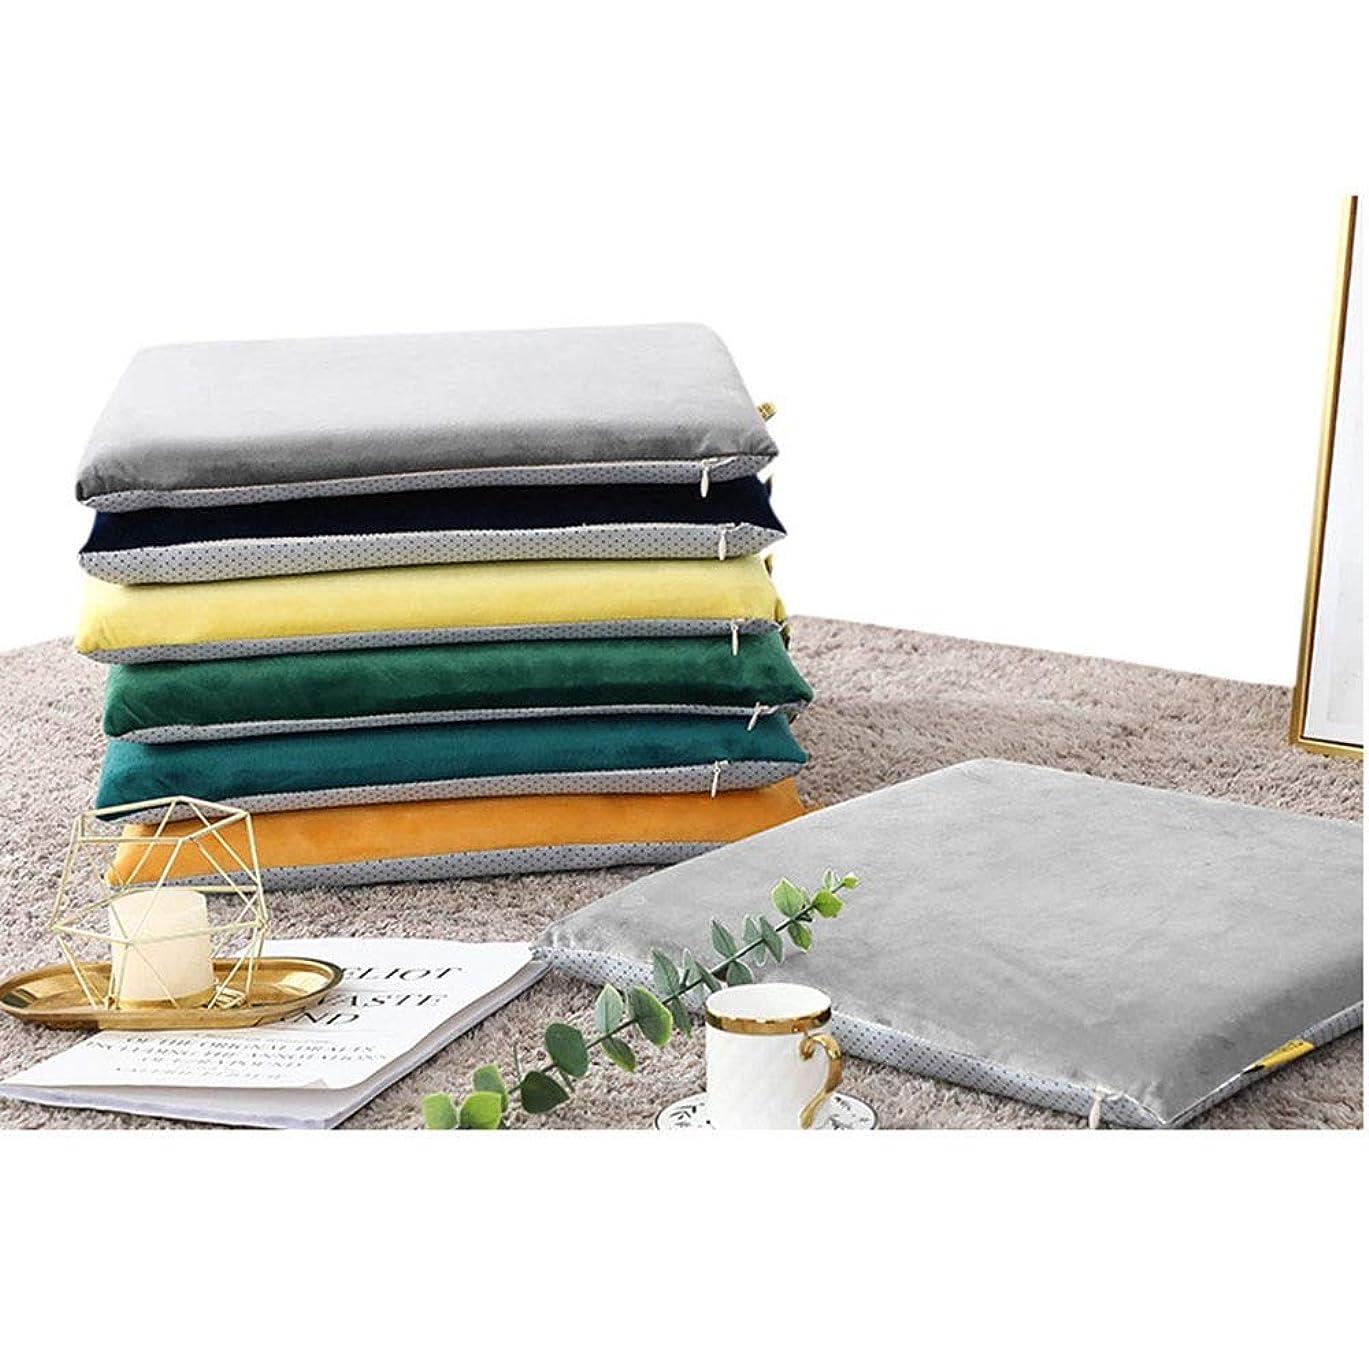 天才内訳予知ESTELLEFチェアパッドスクエアメモリコットンクッションチェアクッションソフト厚くするシートパッドクッション枕オフィス用、家庭用、車用 (Color : Navy, Size : 17.7*17.7in)